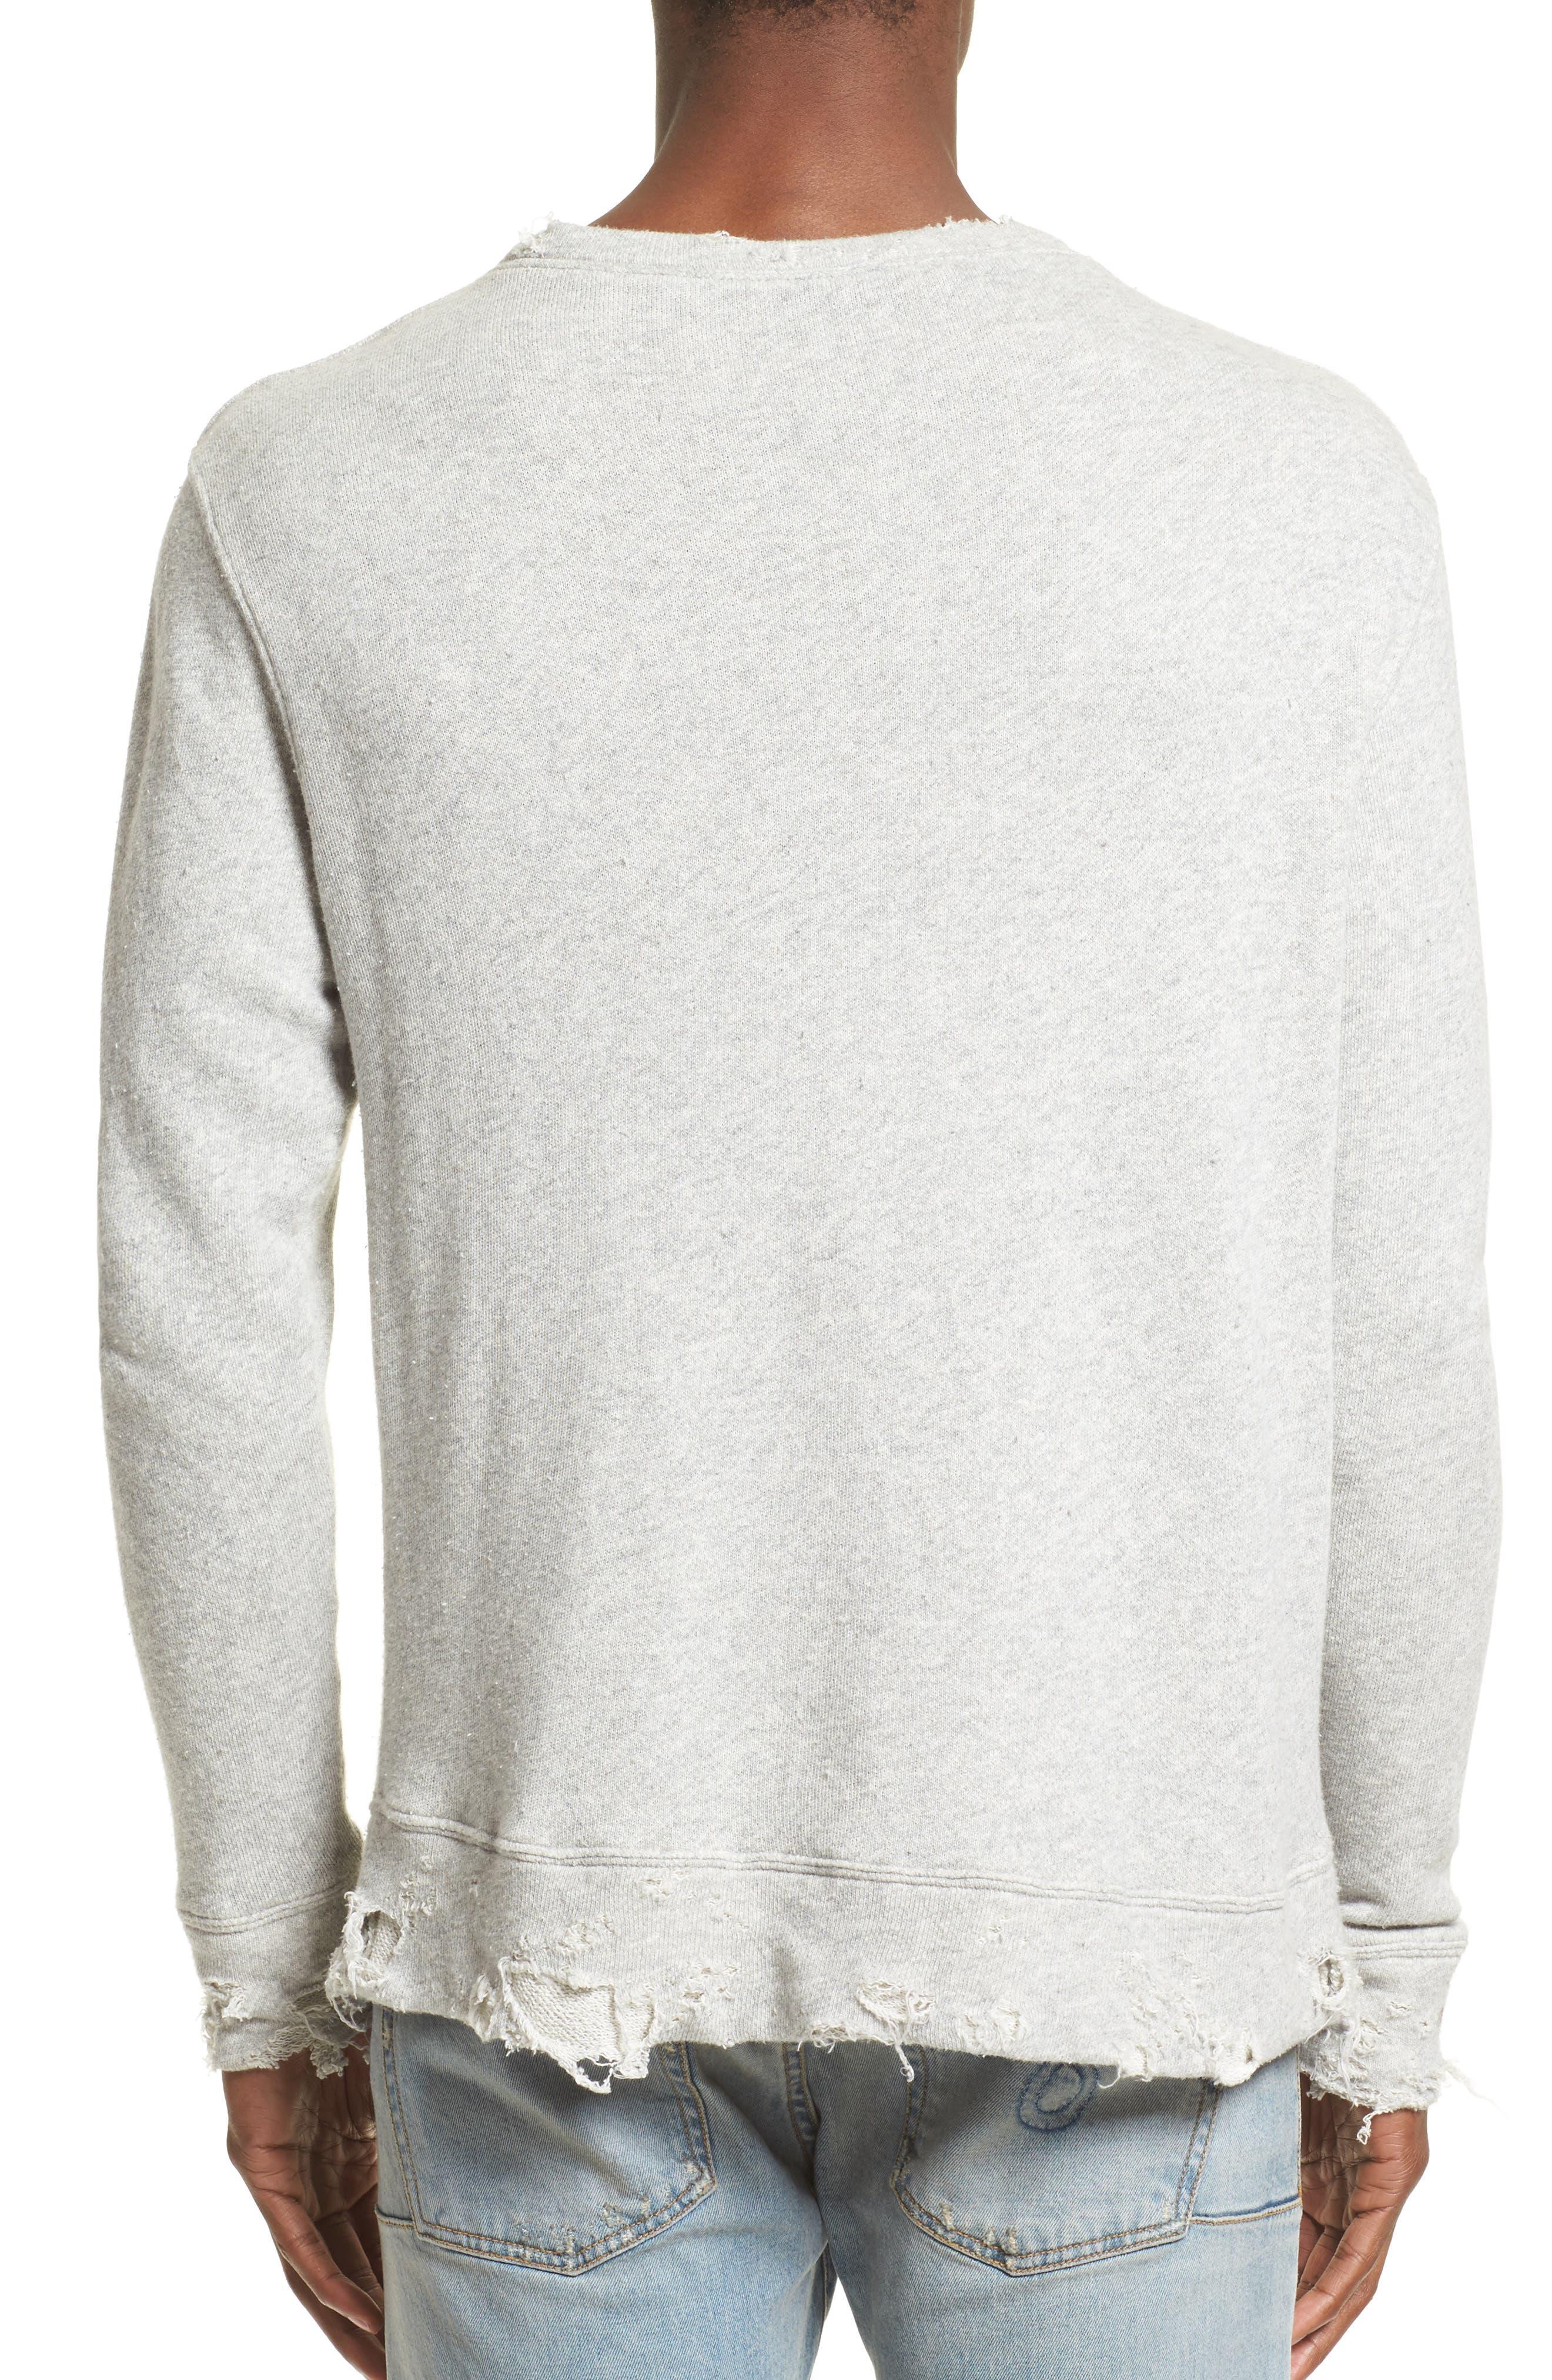 Alternate Image 2  - R13 Vintage Distressed Sweatshirt